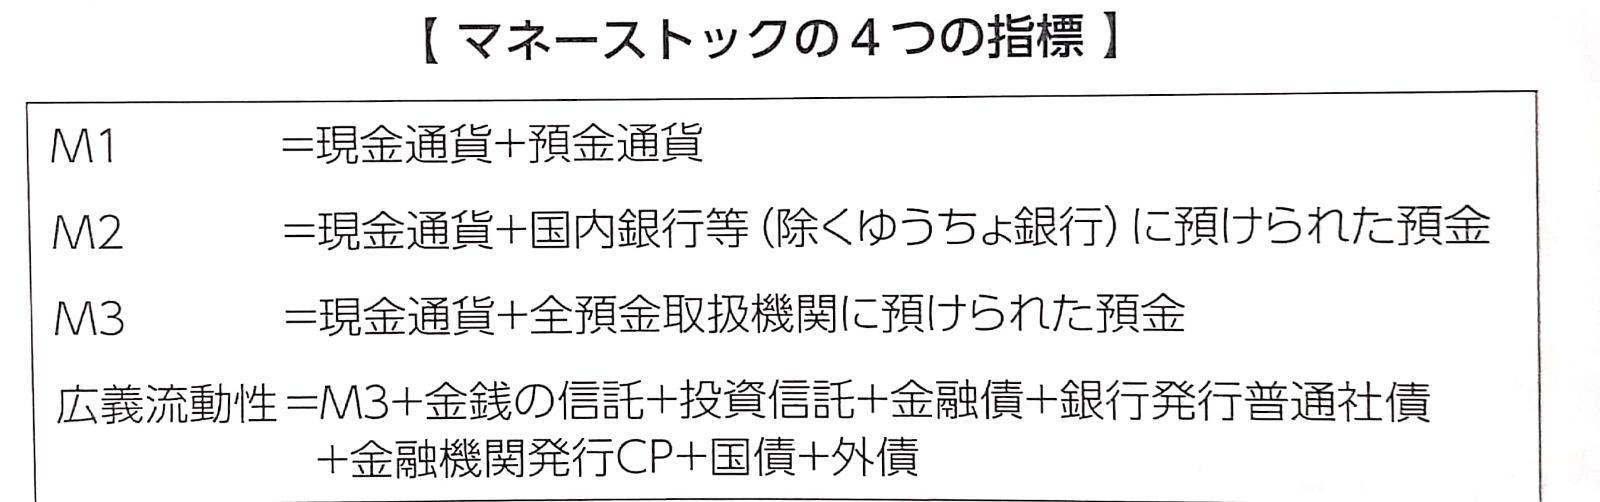 新規ドキュメント 2019-01-25 22.32.40_5